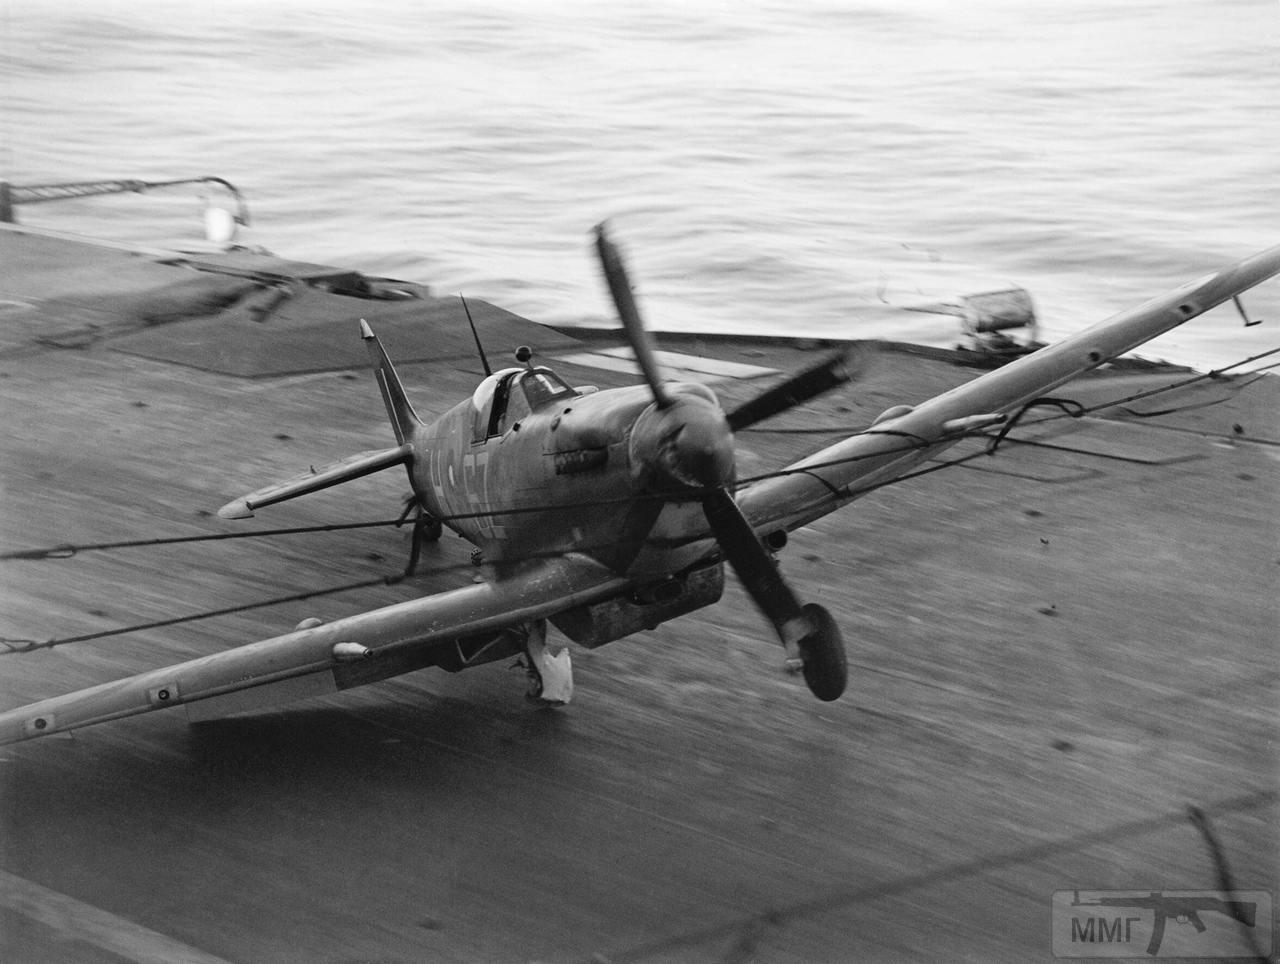 66115 - Военное фото 1941-1945 г.г. Тихий океан.